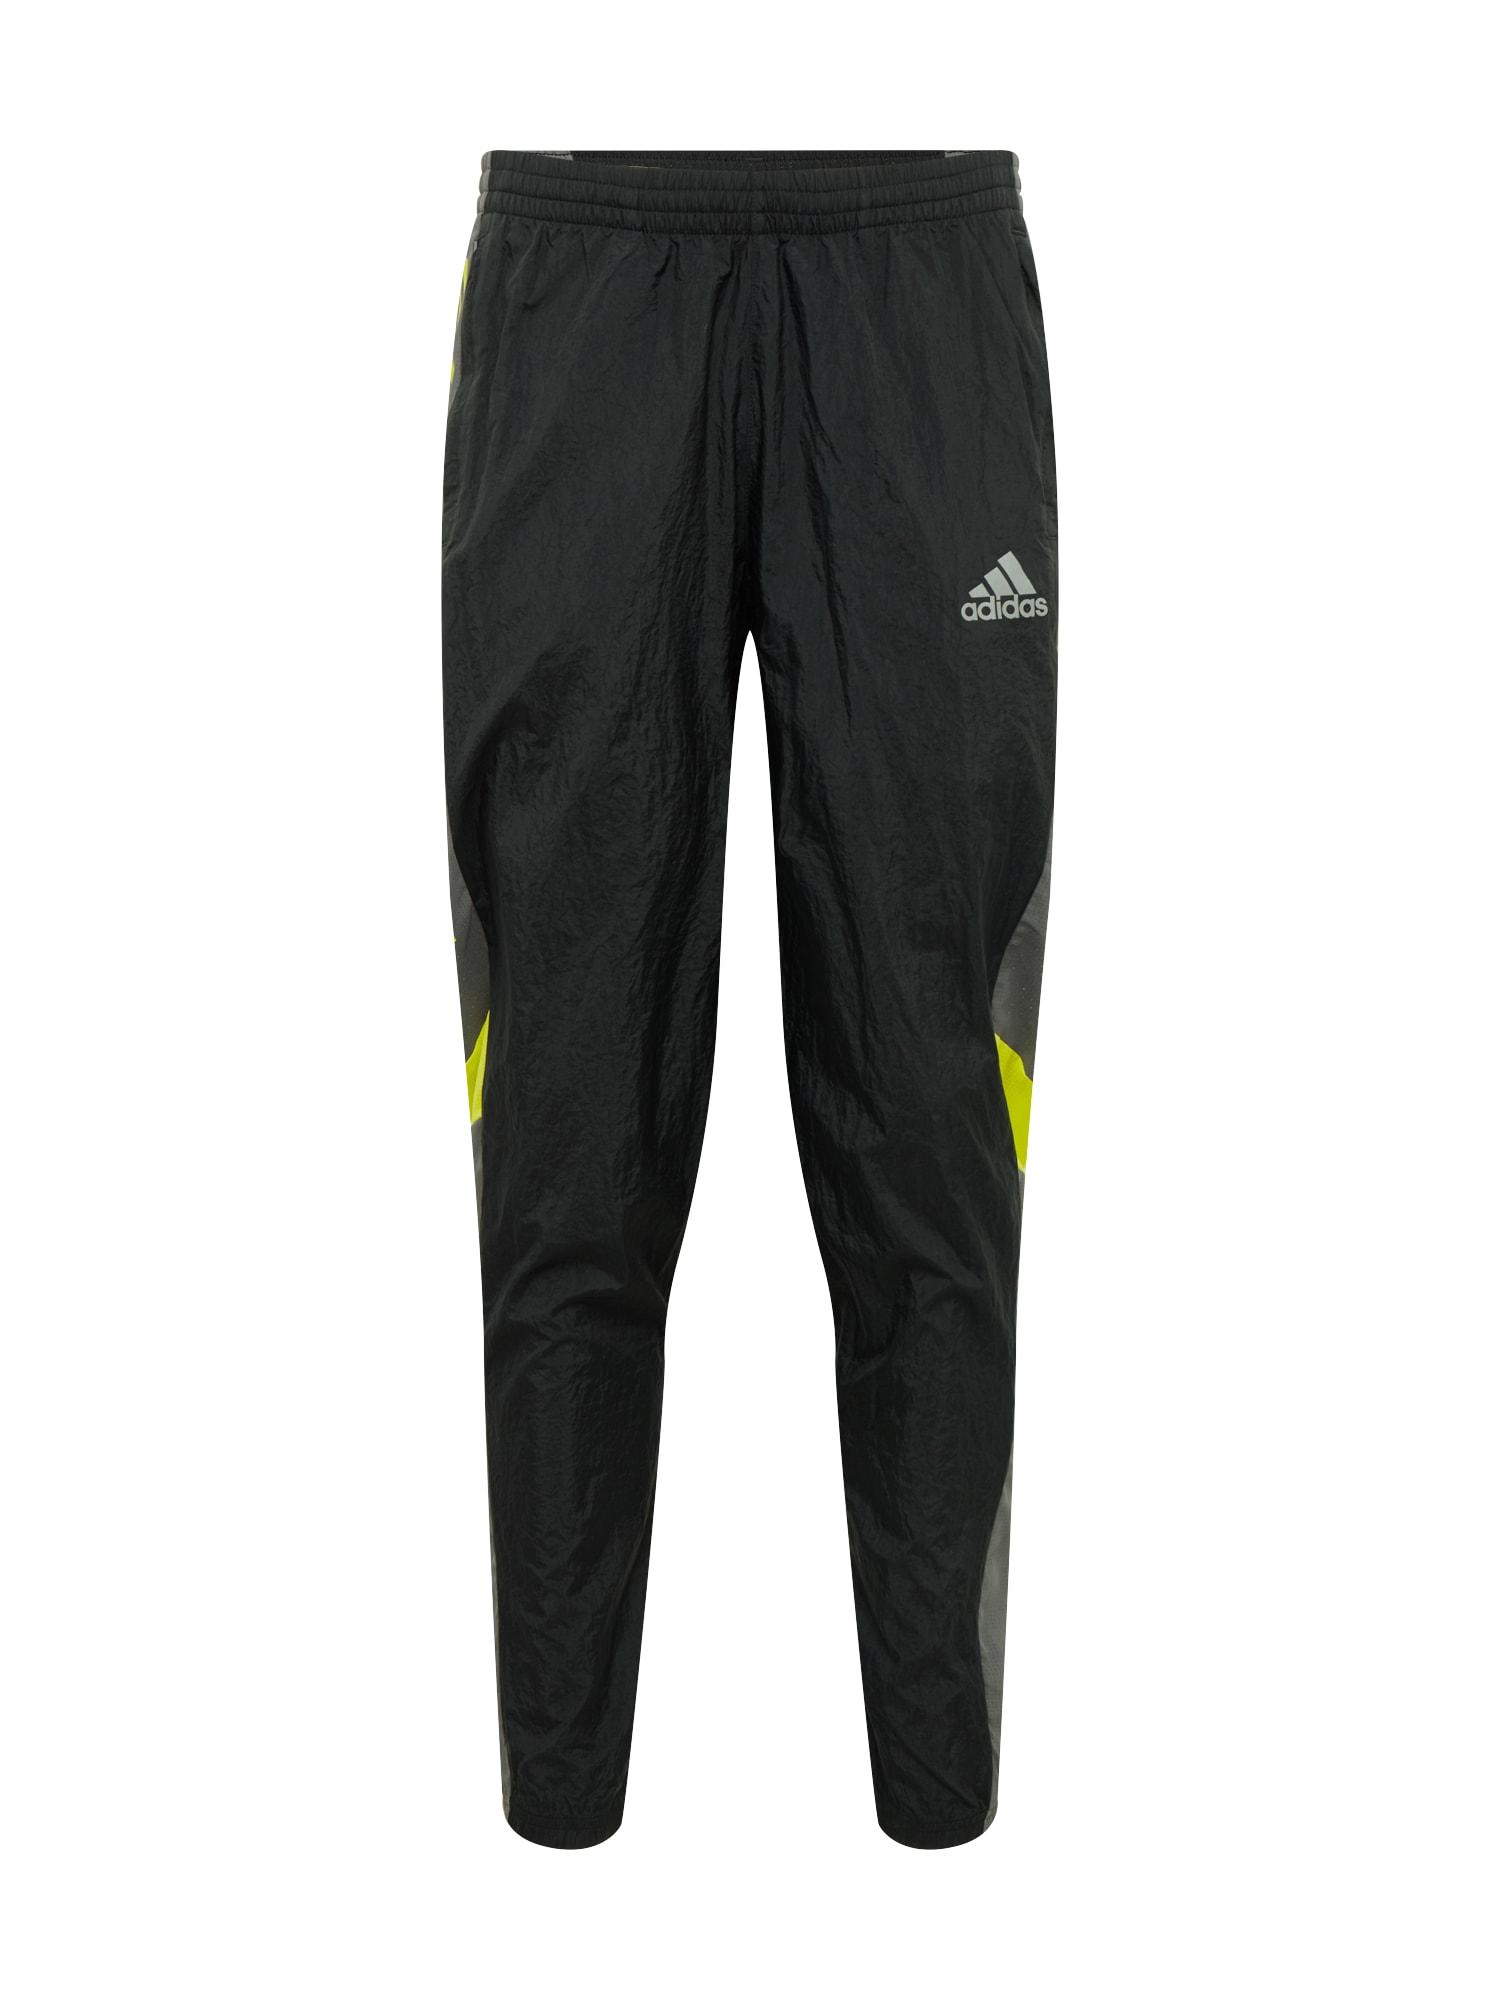 ADIDAS PERFORMANCE Sportinės kelnės geltona / juoda / pilka